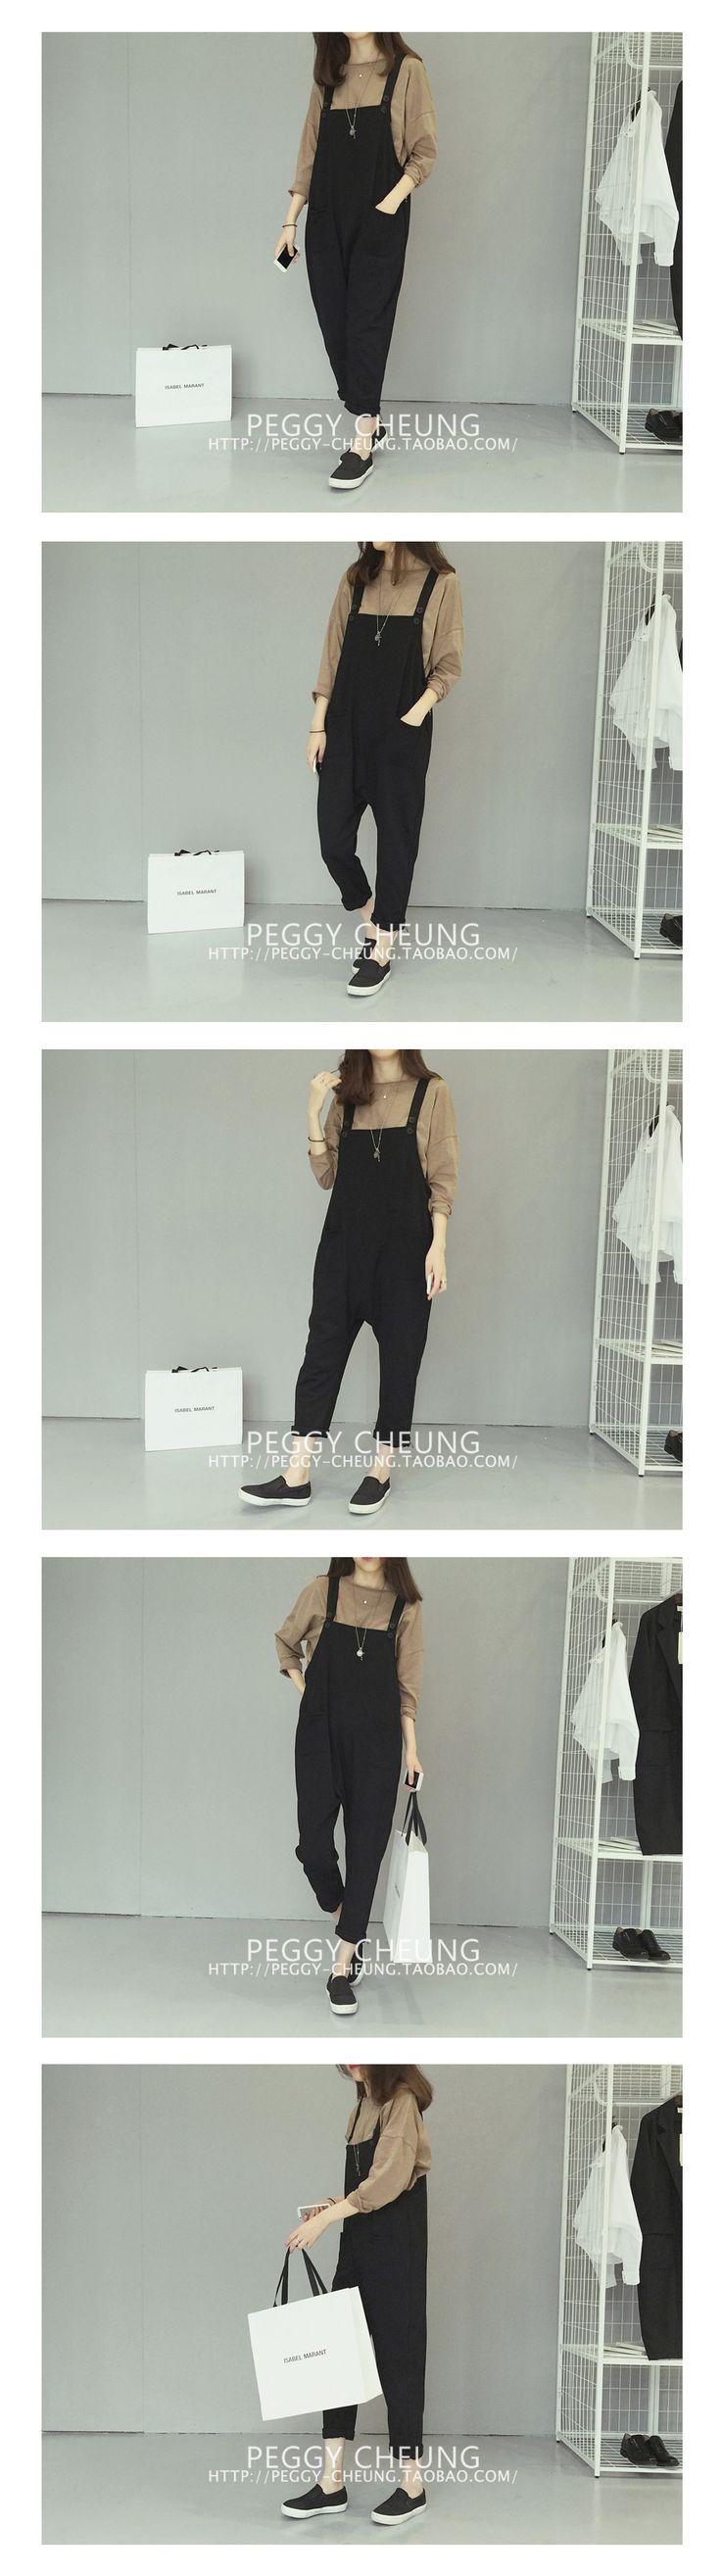 2016 new spring Korean women's casual pants loose cross-pants pants pants wild suspenders Bib eighth - Taobao global Station